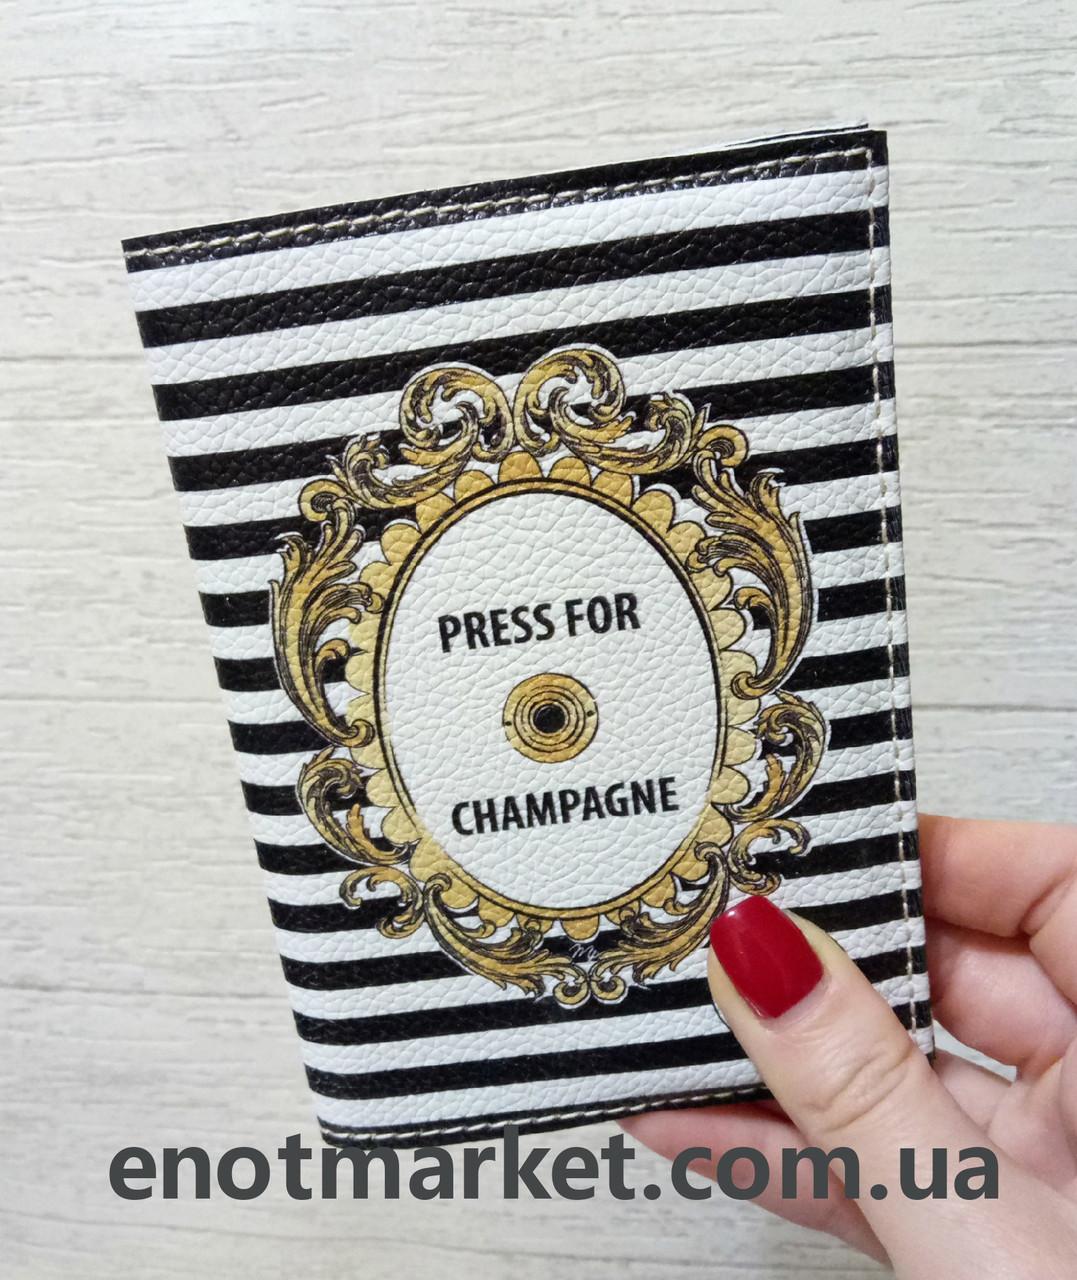 """Обложка на паспорт украинский / загранпаспорт """"Press for champagne"""" мягкая экокожа"""